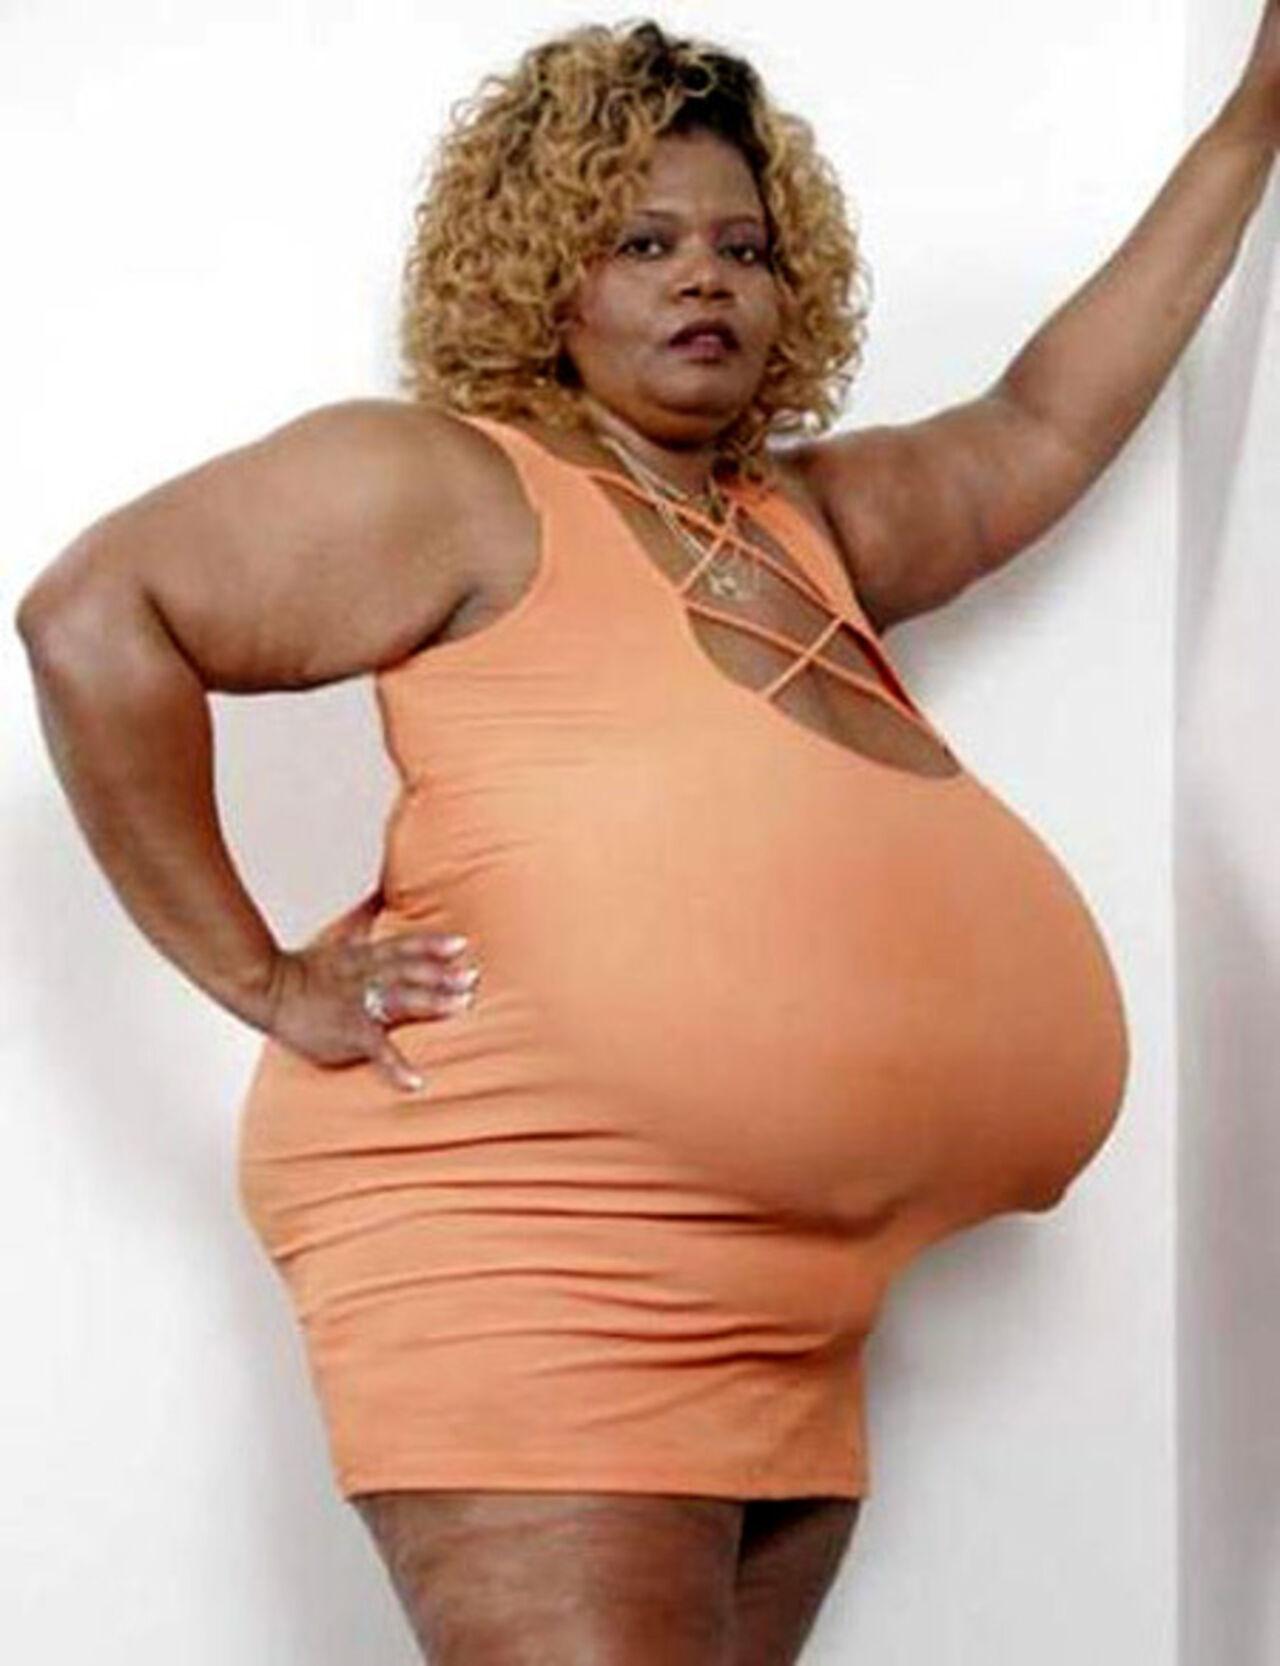 Фото жіночі груди великі 16 фотография